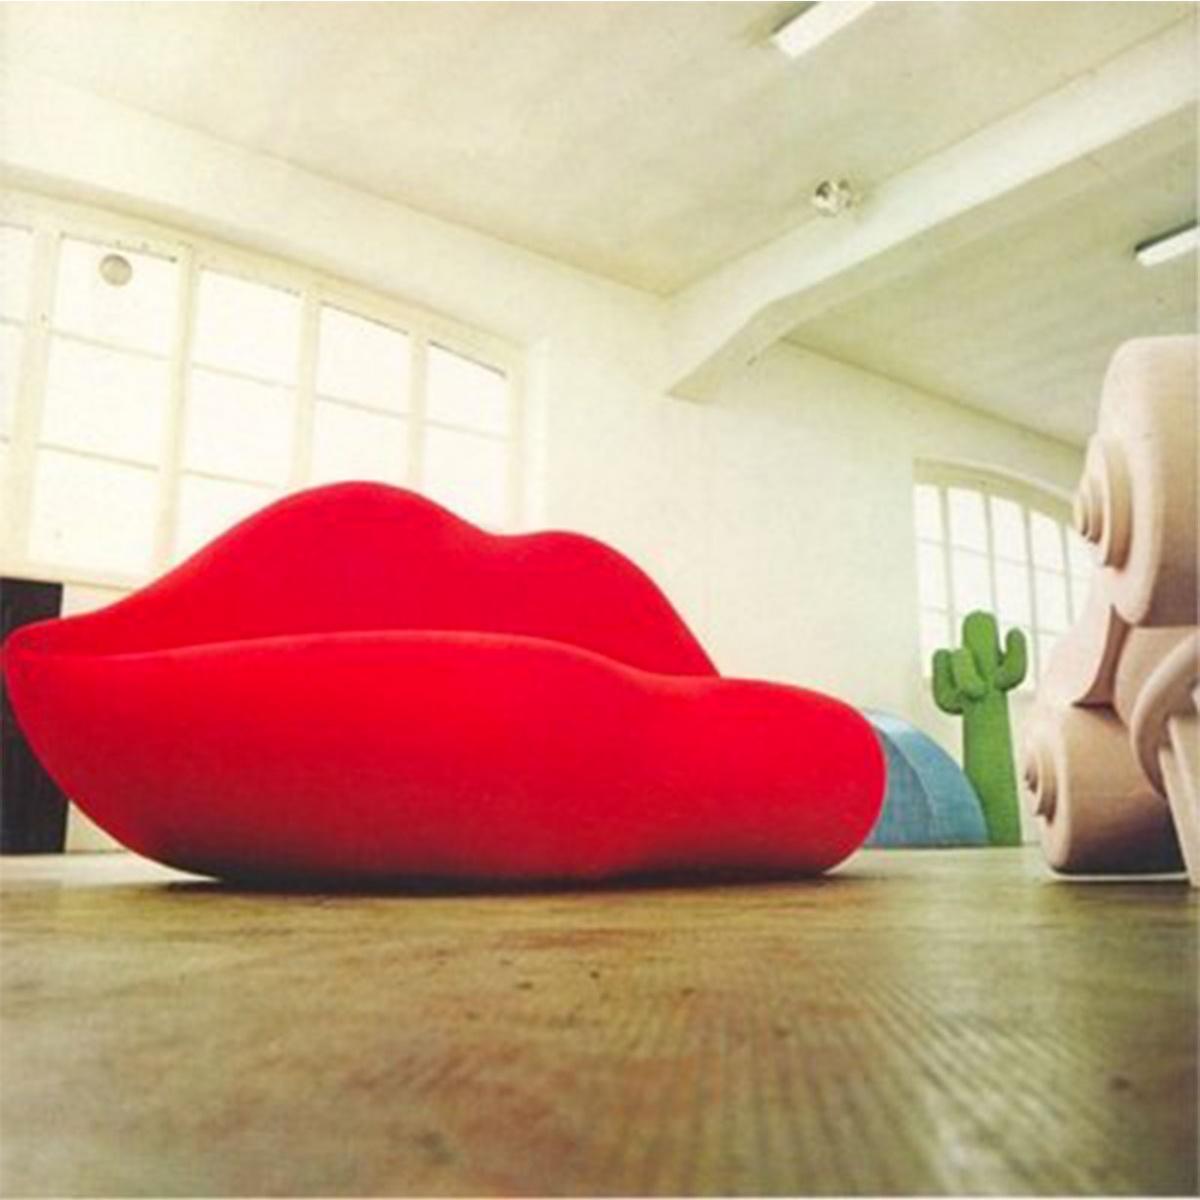 Idee regalo per sopravvivere a san Valentino  Mayday Casa